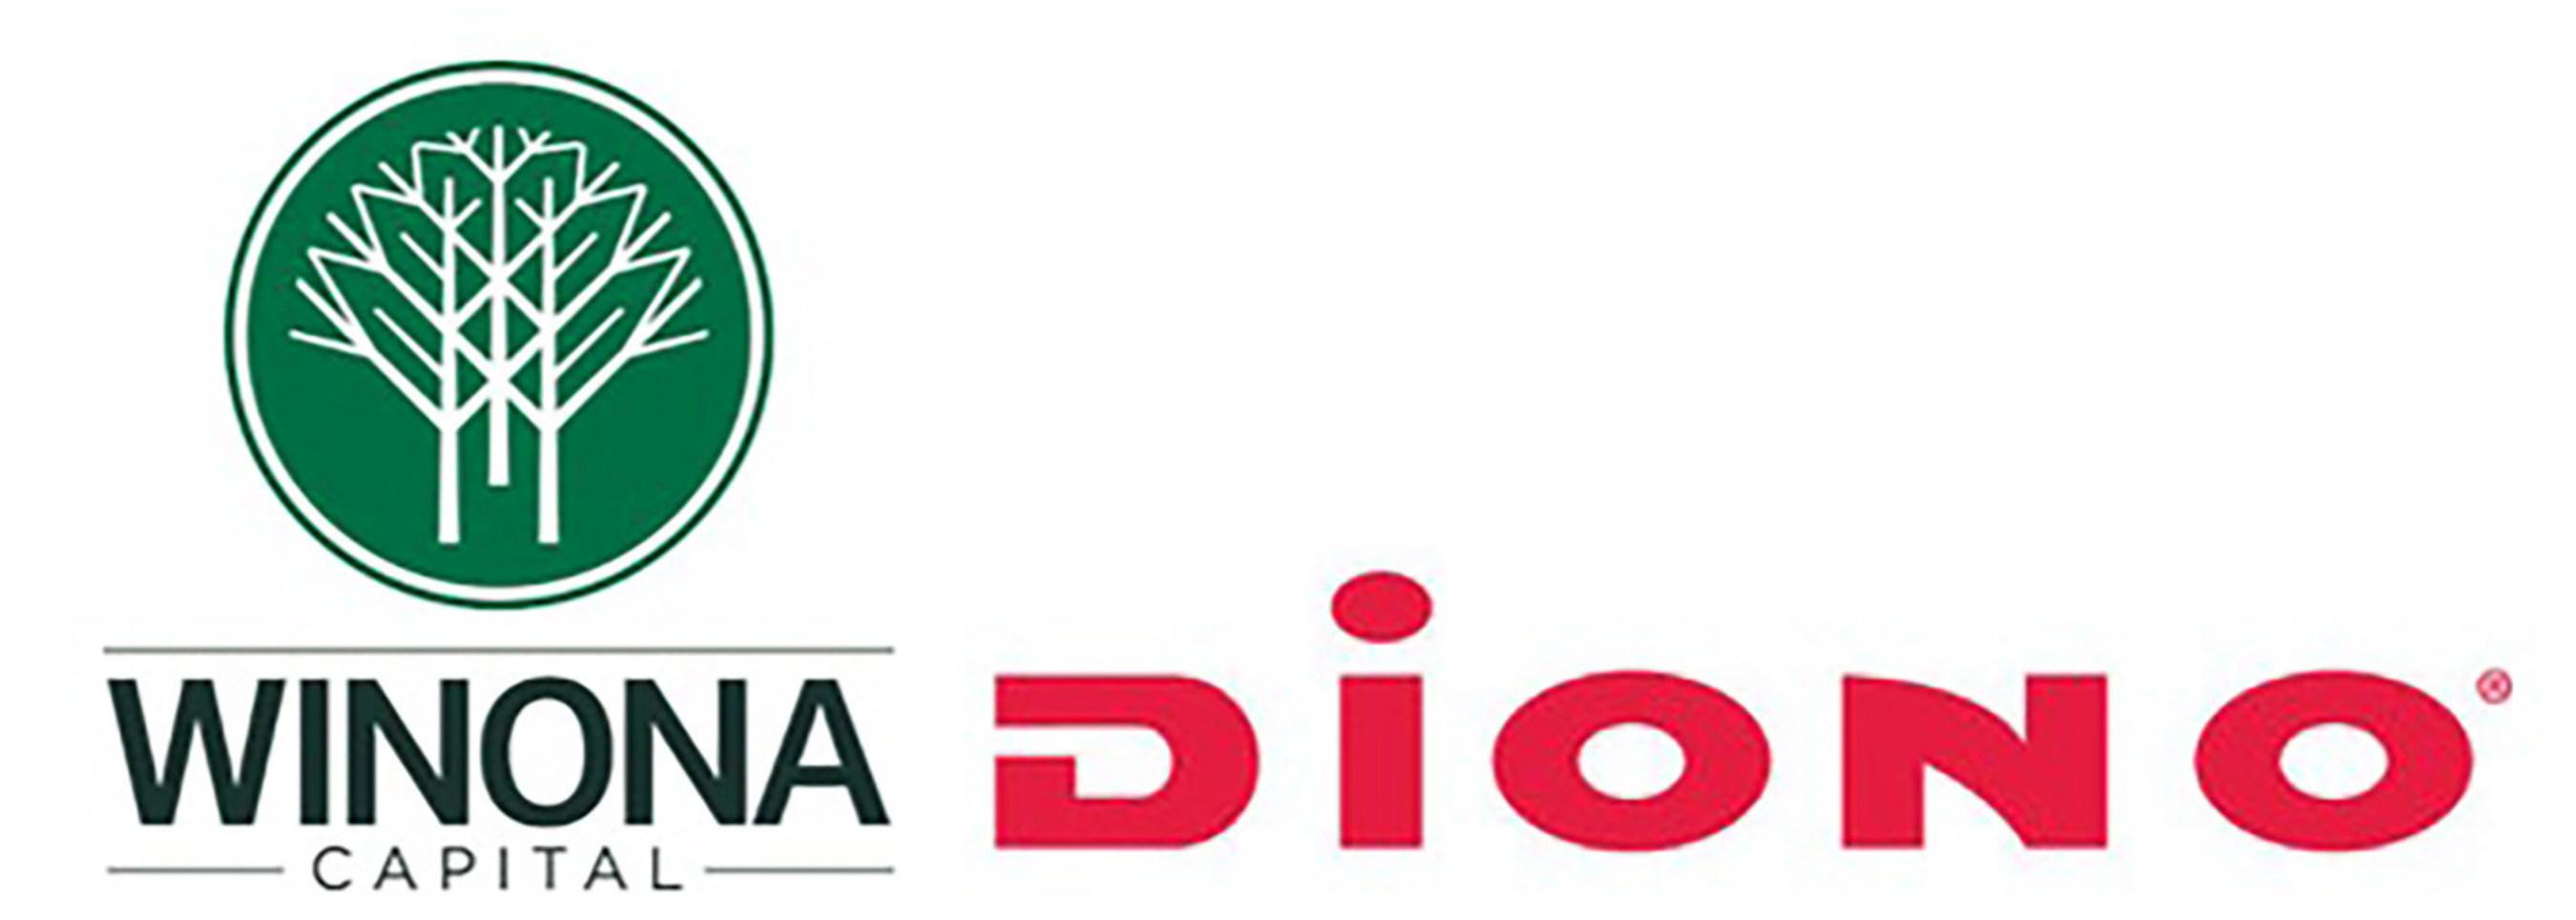 Winona Capital investiert für Wachstum und Innovation in Diono®